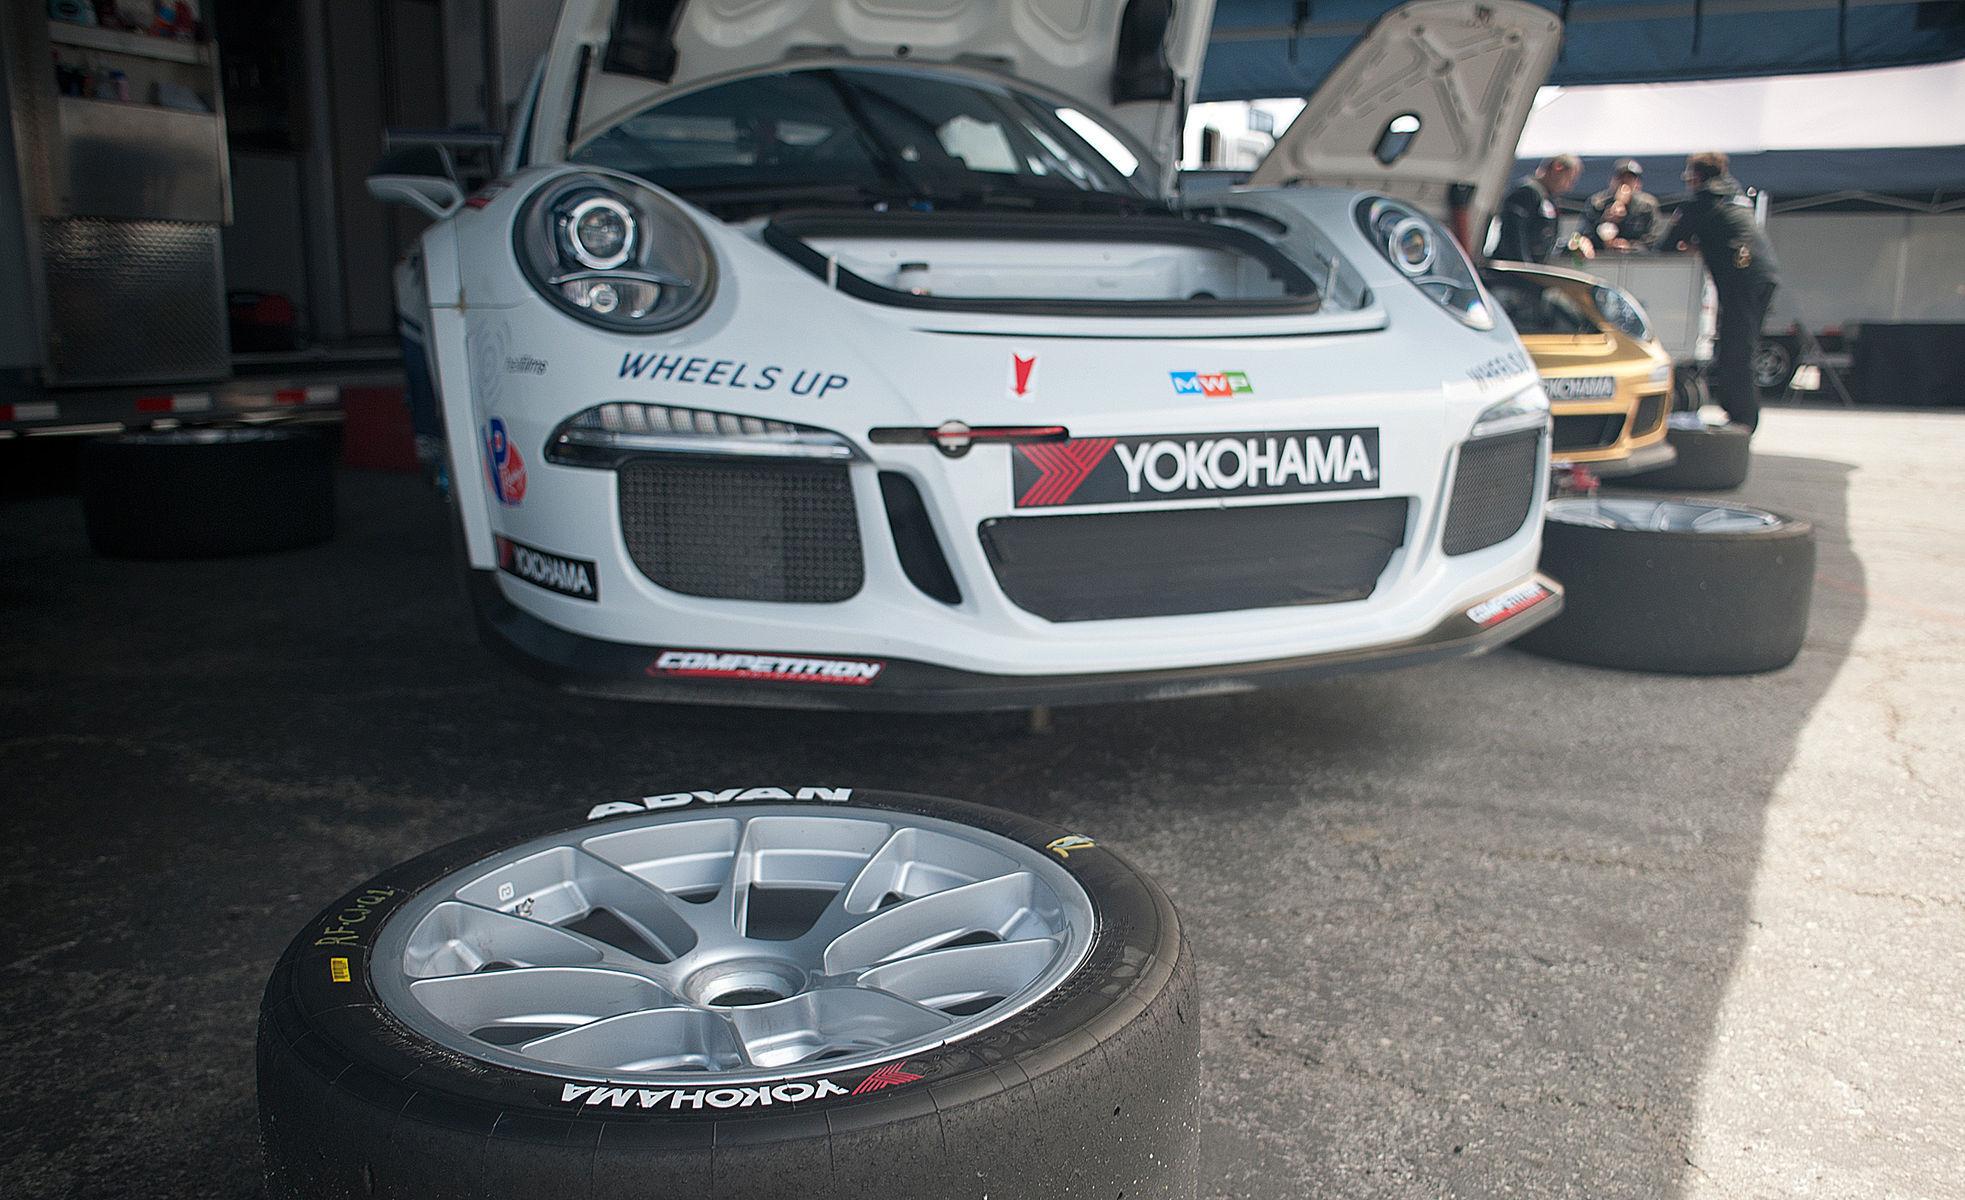 2014 Porsche 911 | 2014 IMSA Porsche GT3 Cup - Laguna Seca